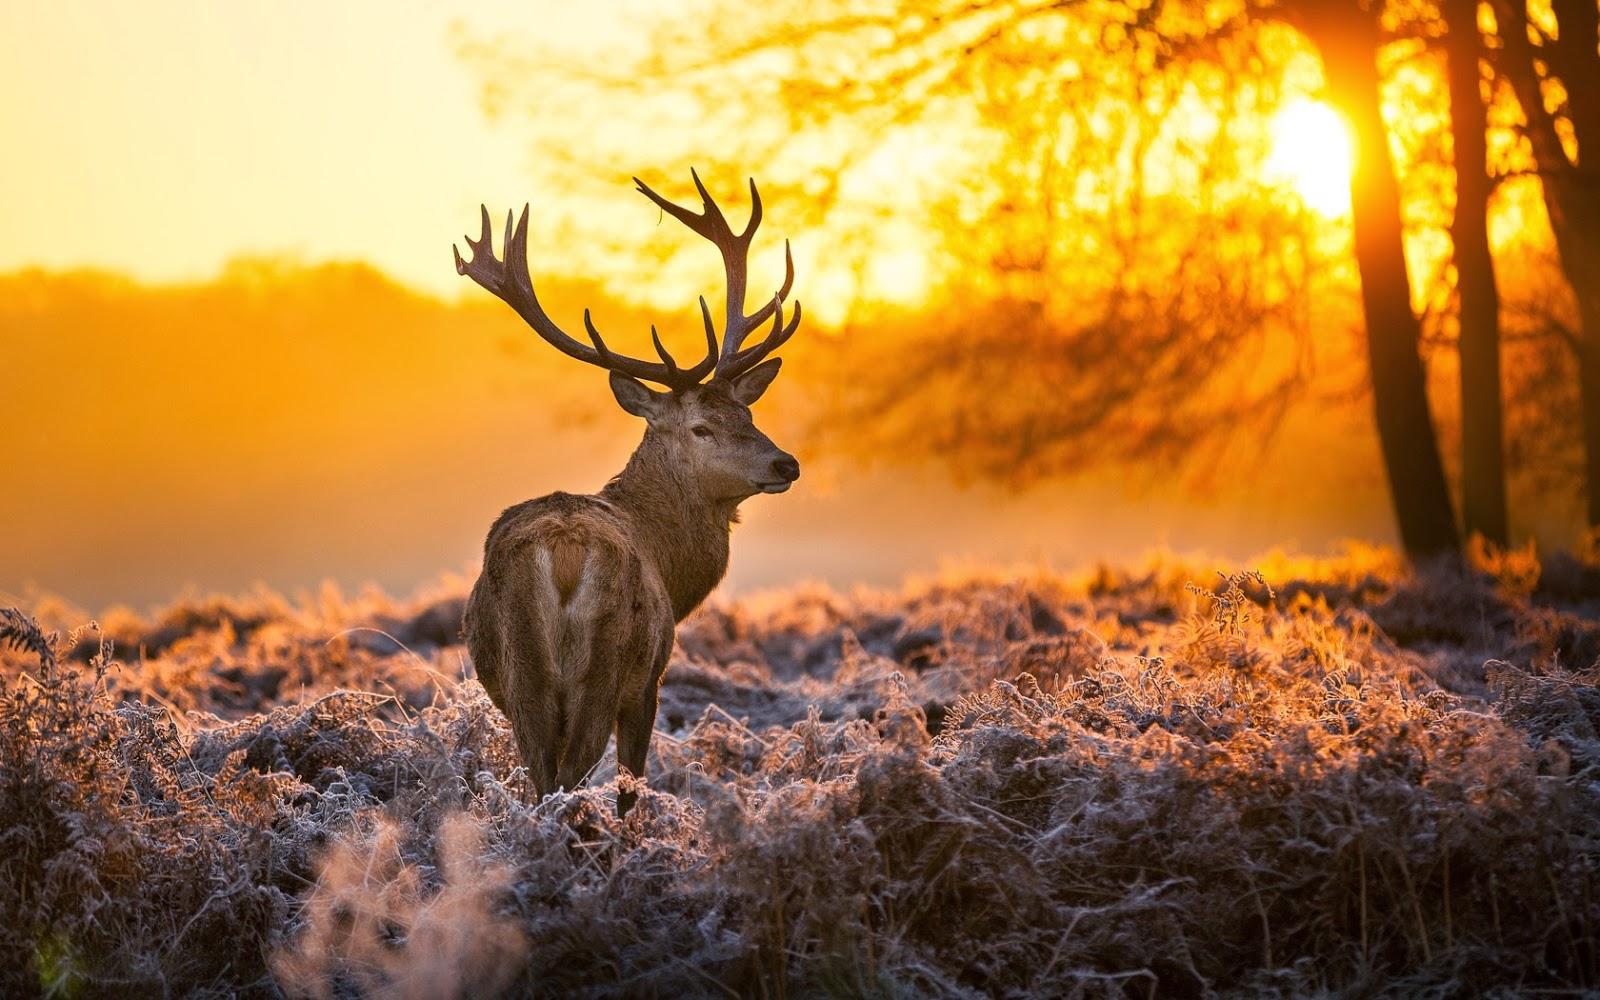 rusa-hewan-alam-hutan-pohon-matahari terbenam-foto-wallpaper-1680x1050